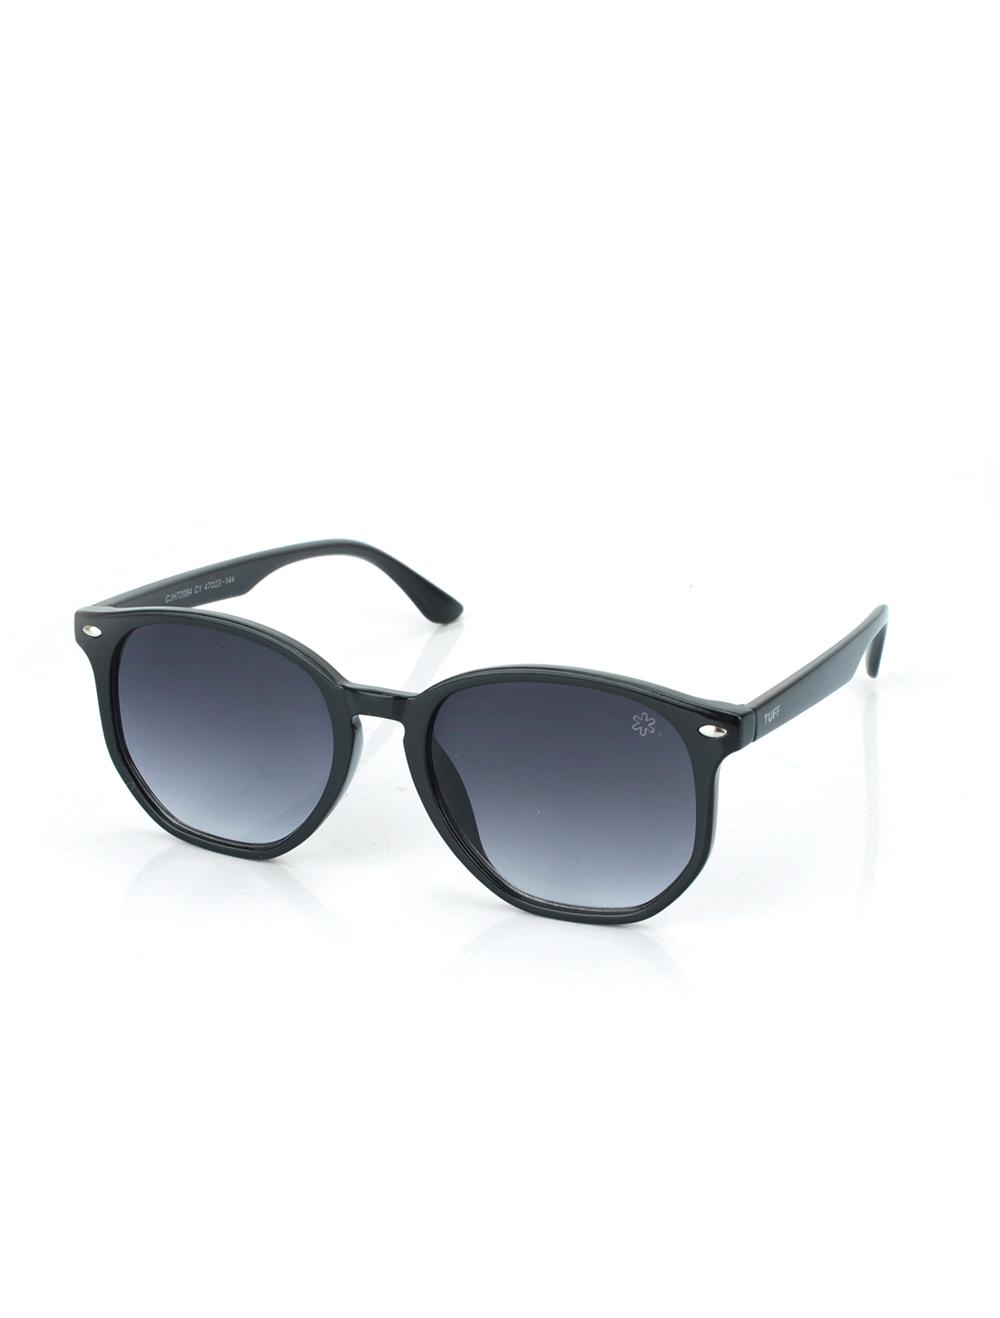 Sunglasses Hexagonal com  Degradê Preto